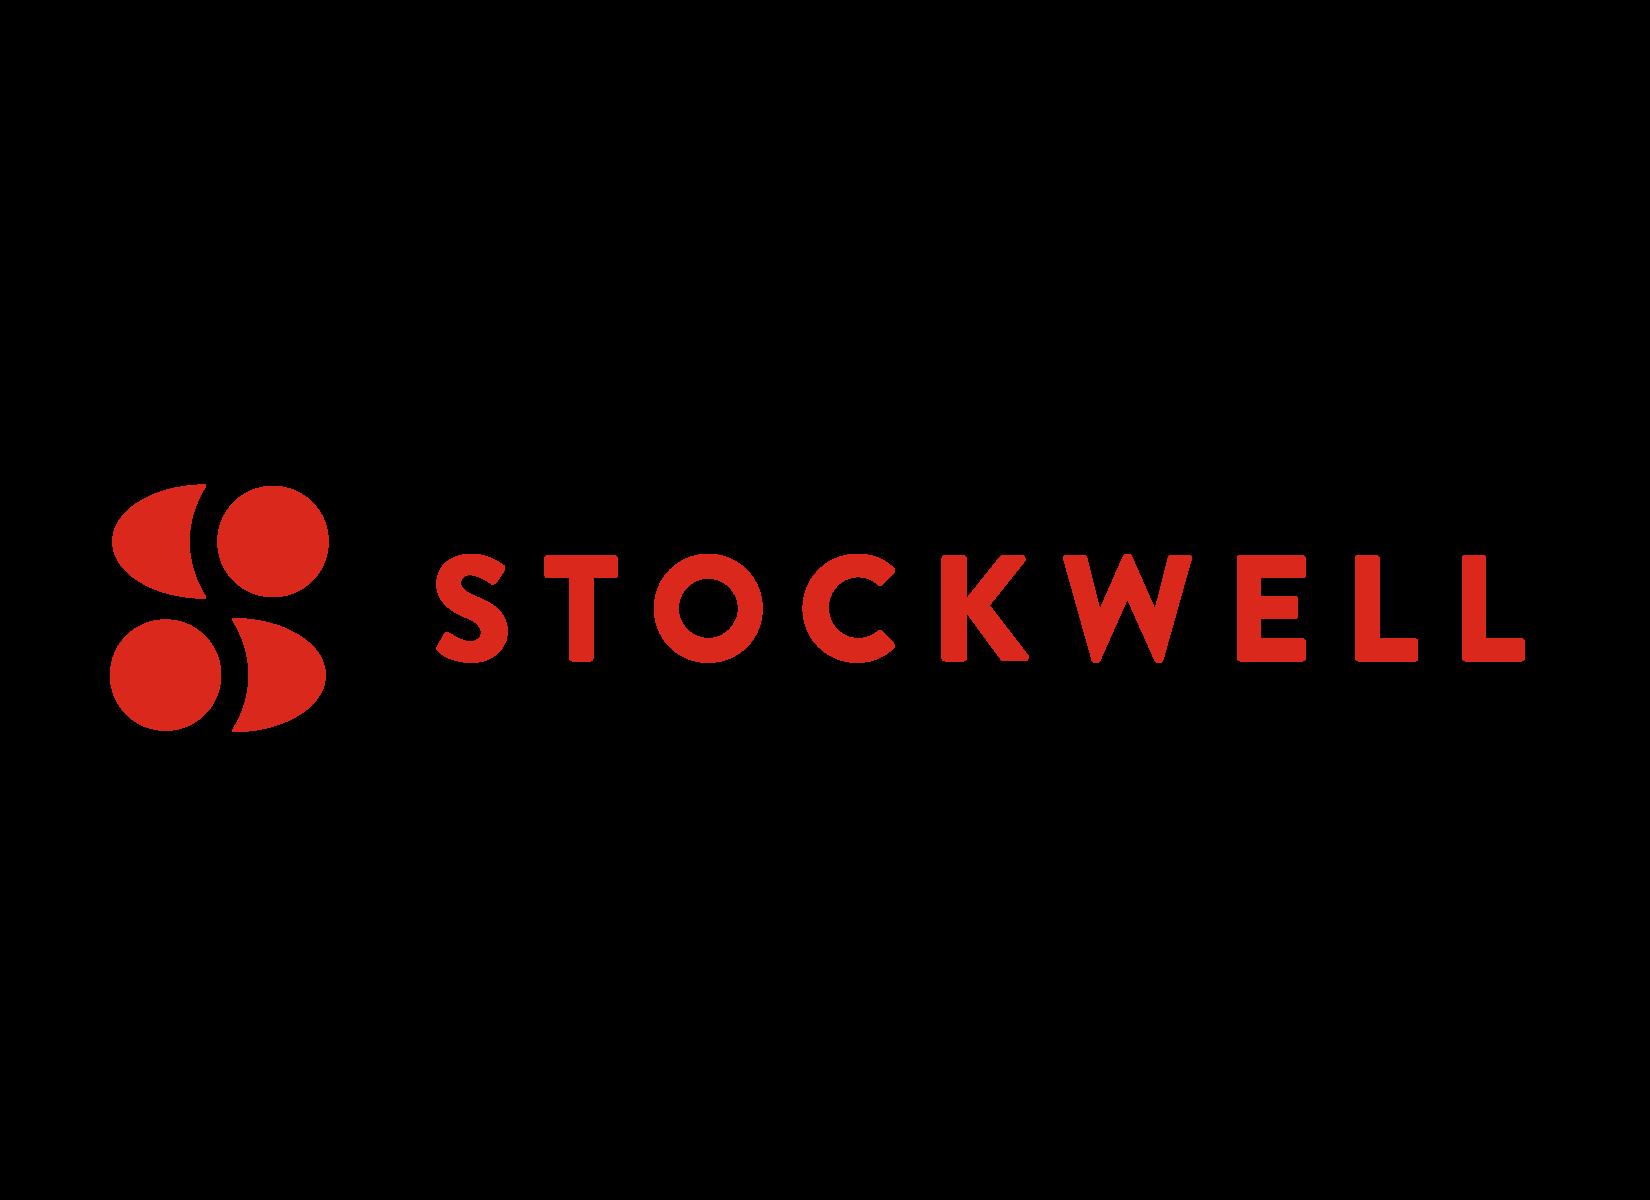 Stockwell logo